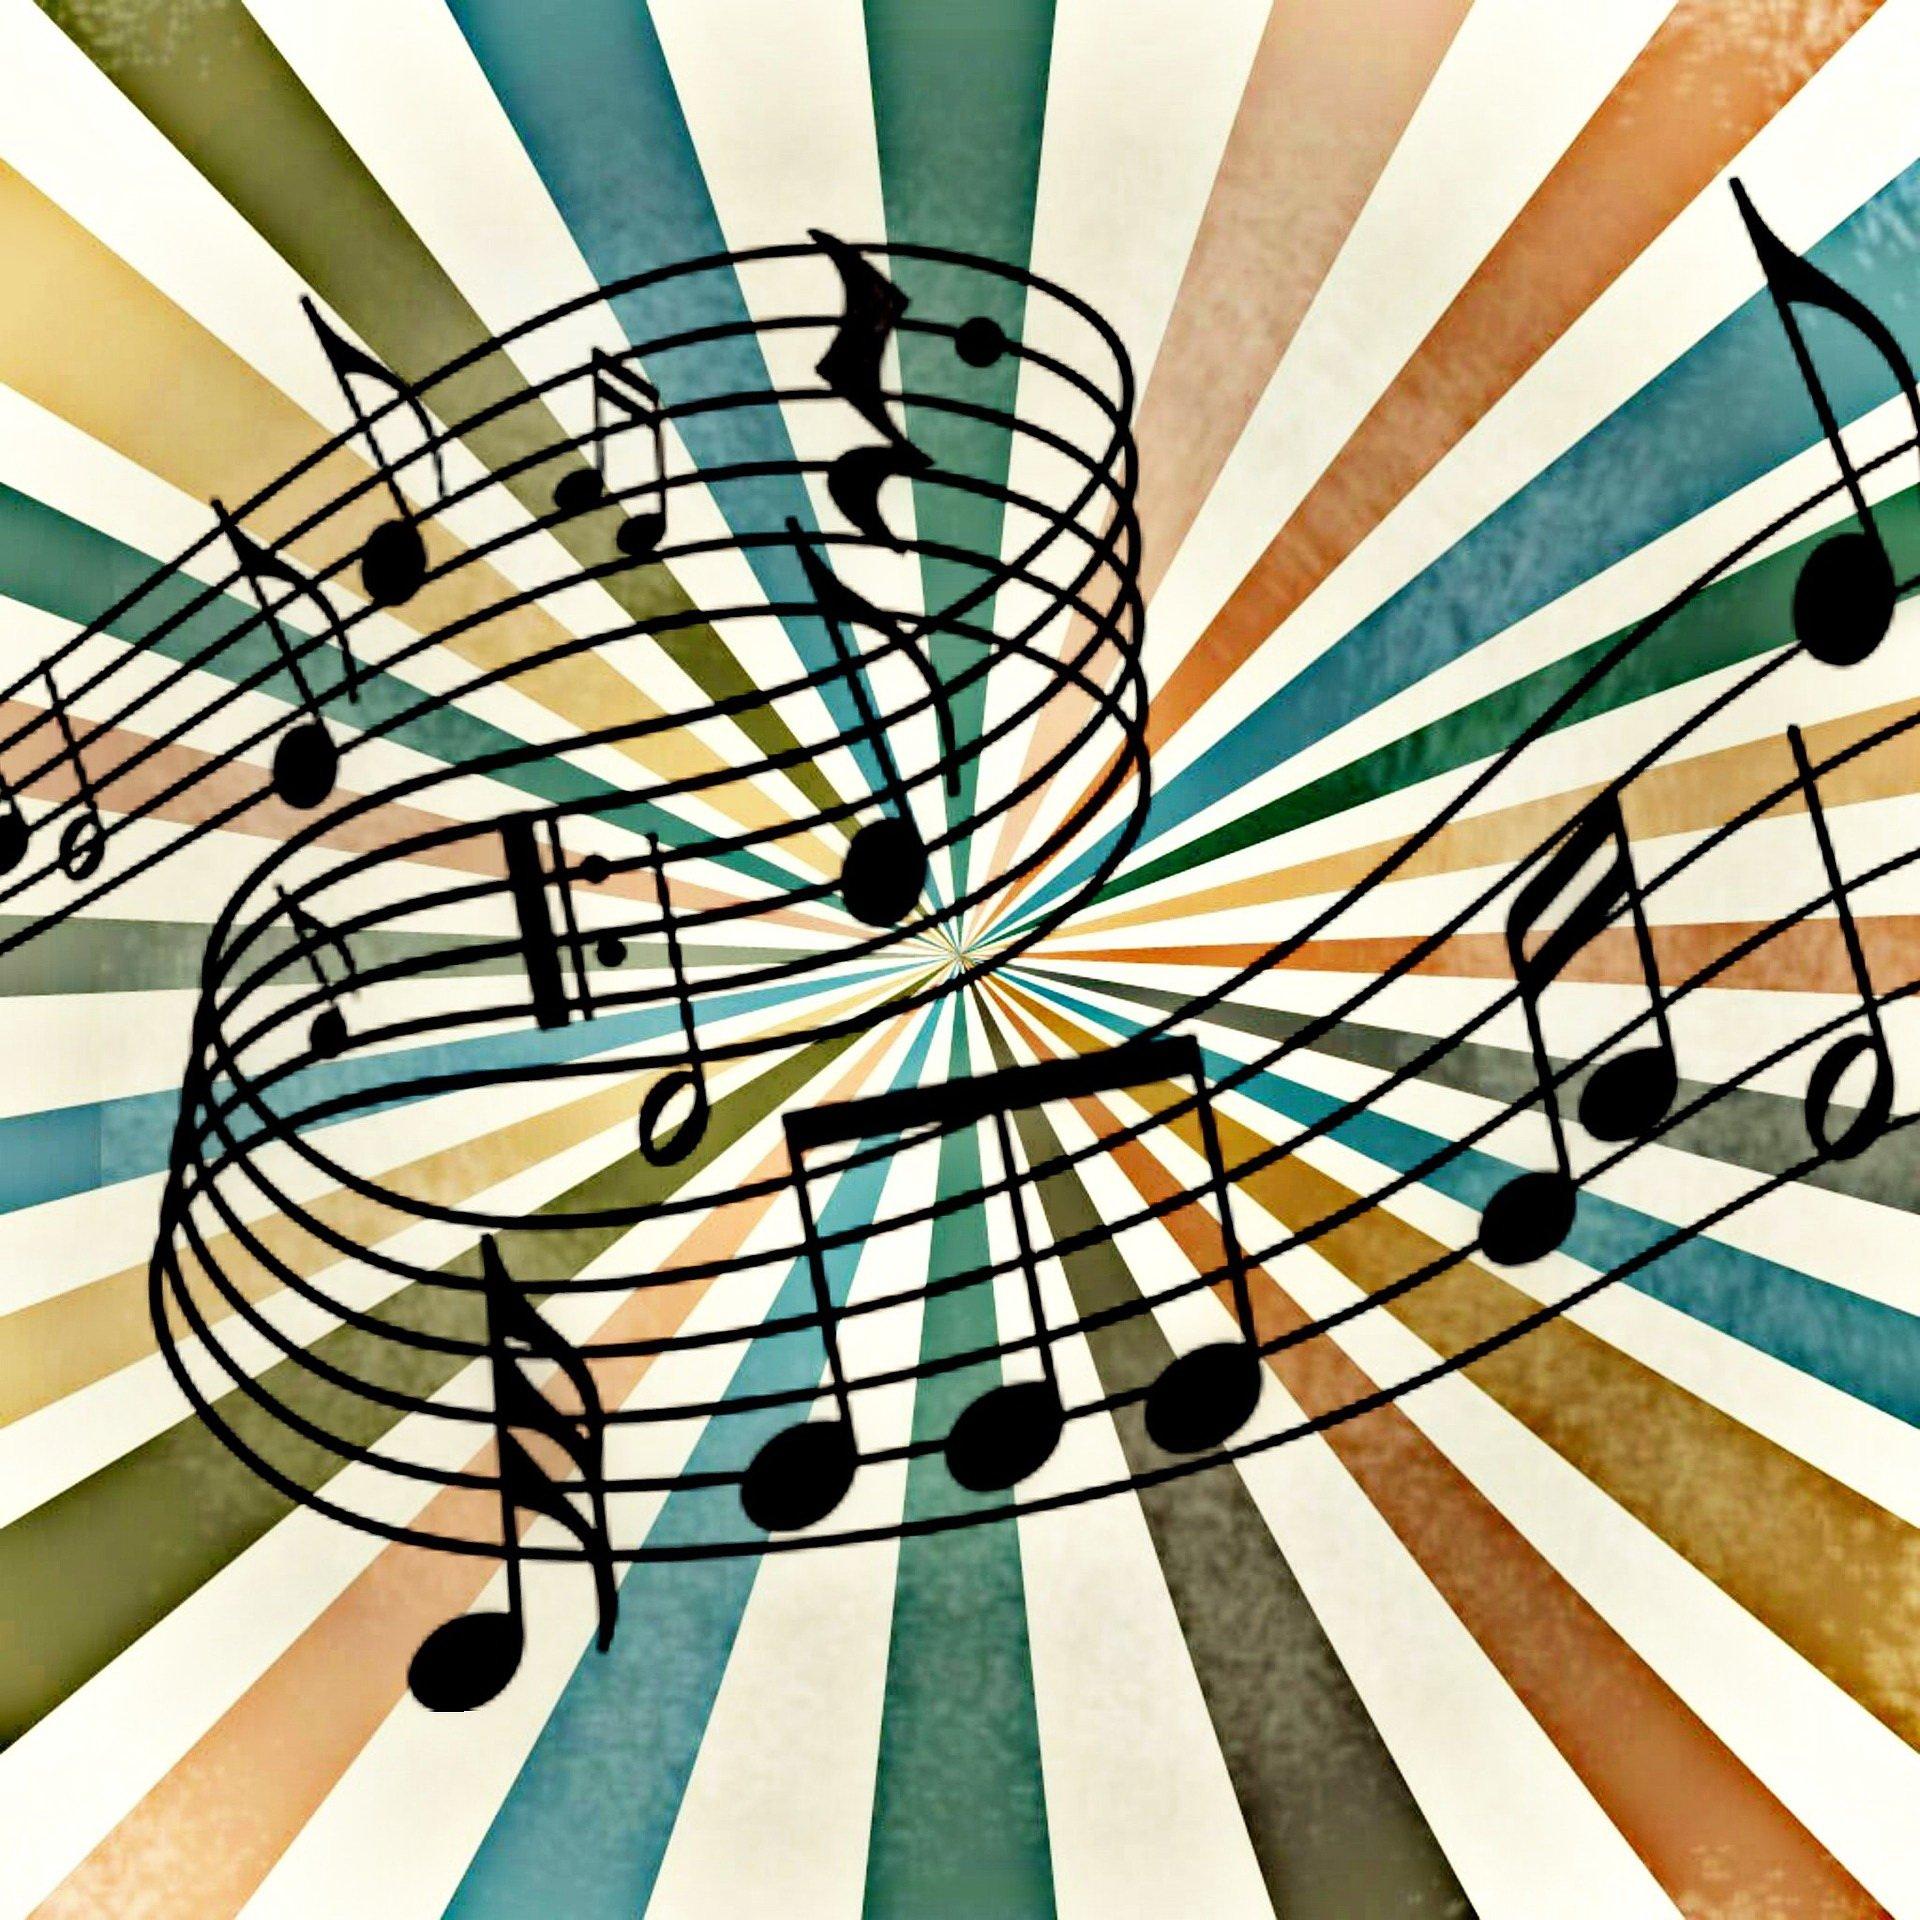 Cichutka Piosenka Wierszyk Dla Dzieci Wiersze I Piosenki